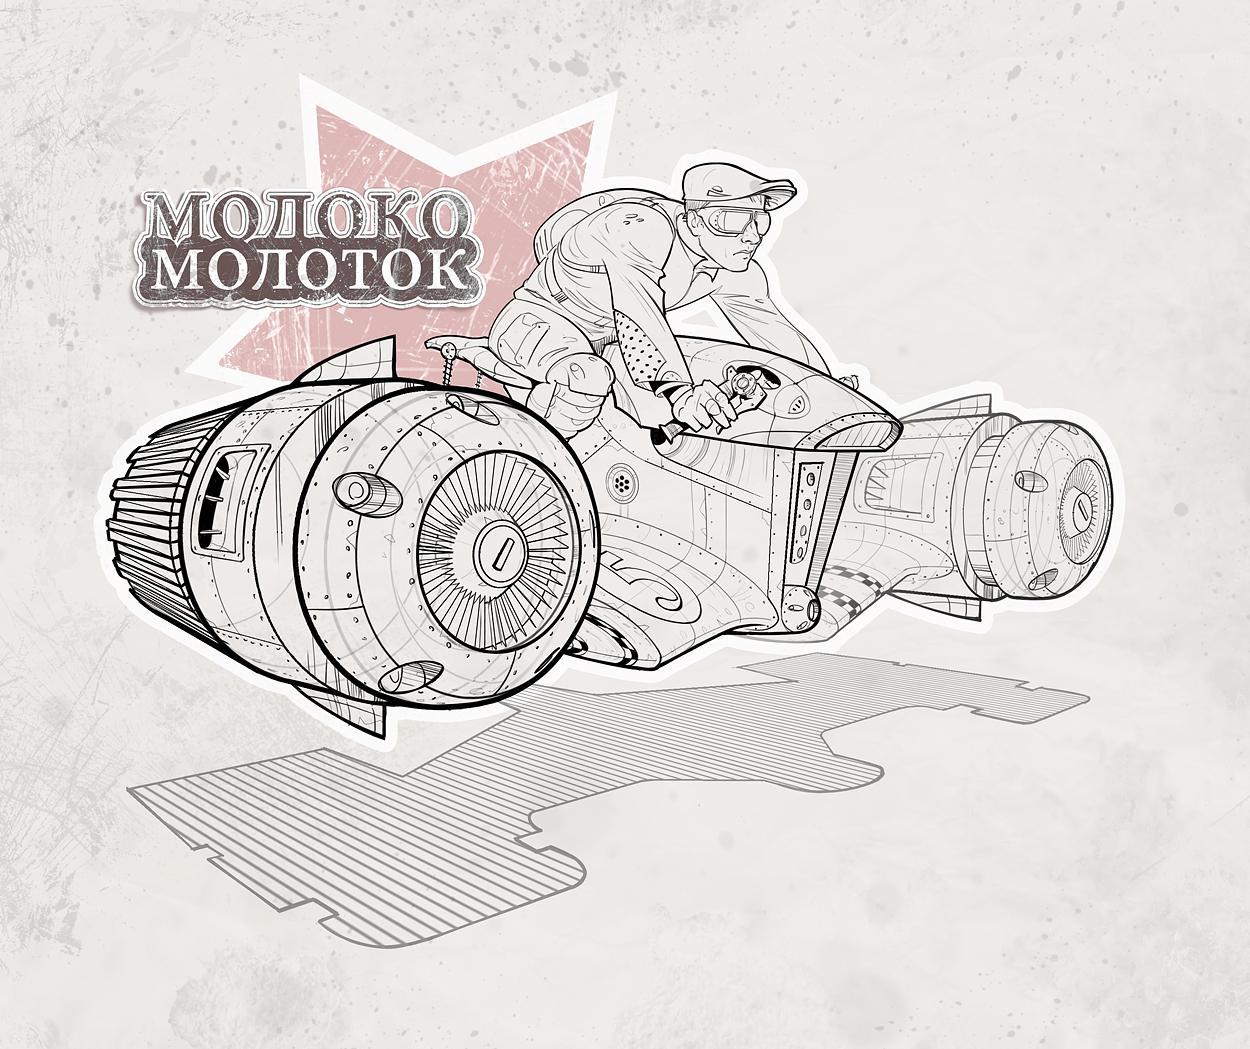 hoverbike2b.jpg (1250×1049)